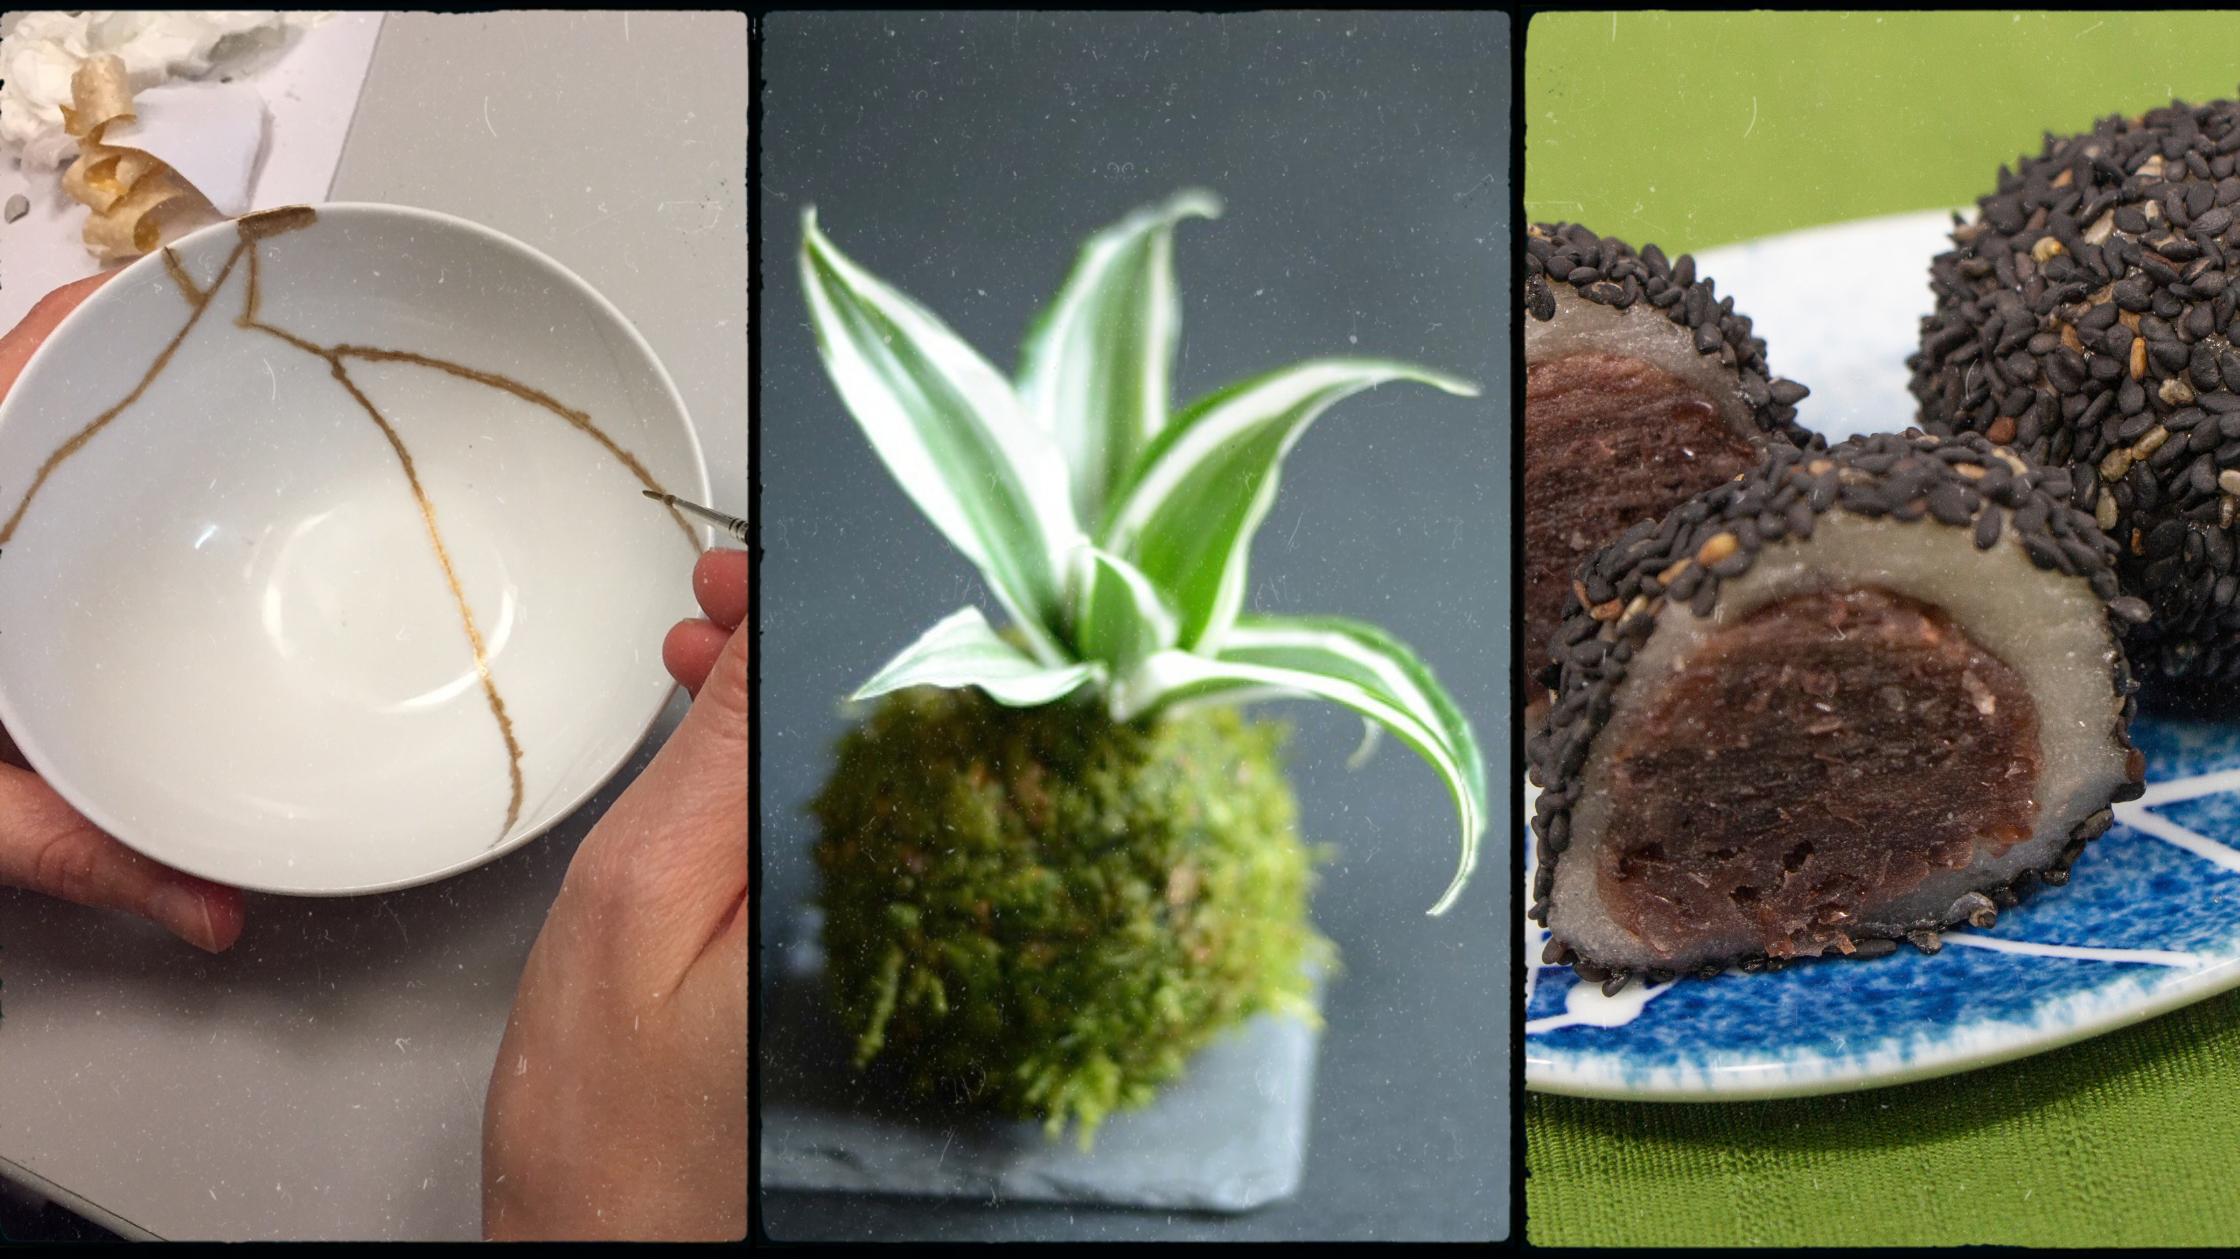 Ce week end à Espace Japon : kintsugi, kokedama, calligraphie, atelier pâtisserie ...